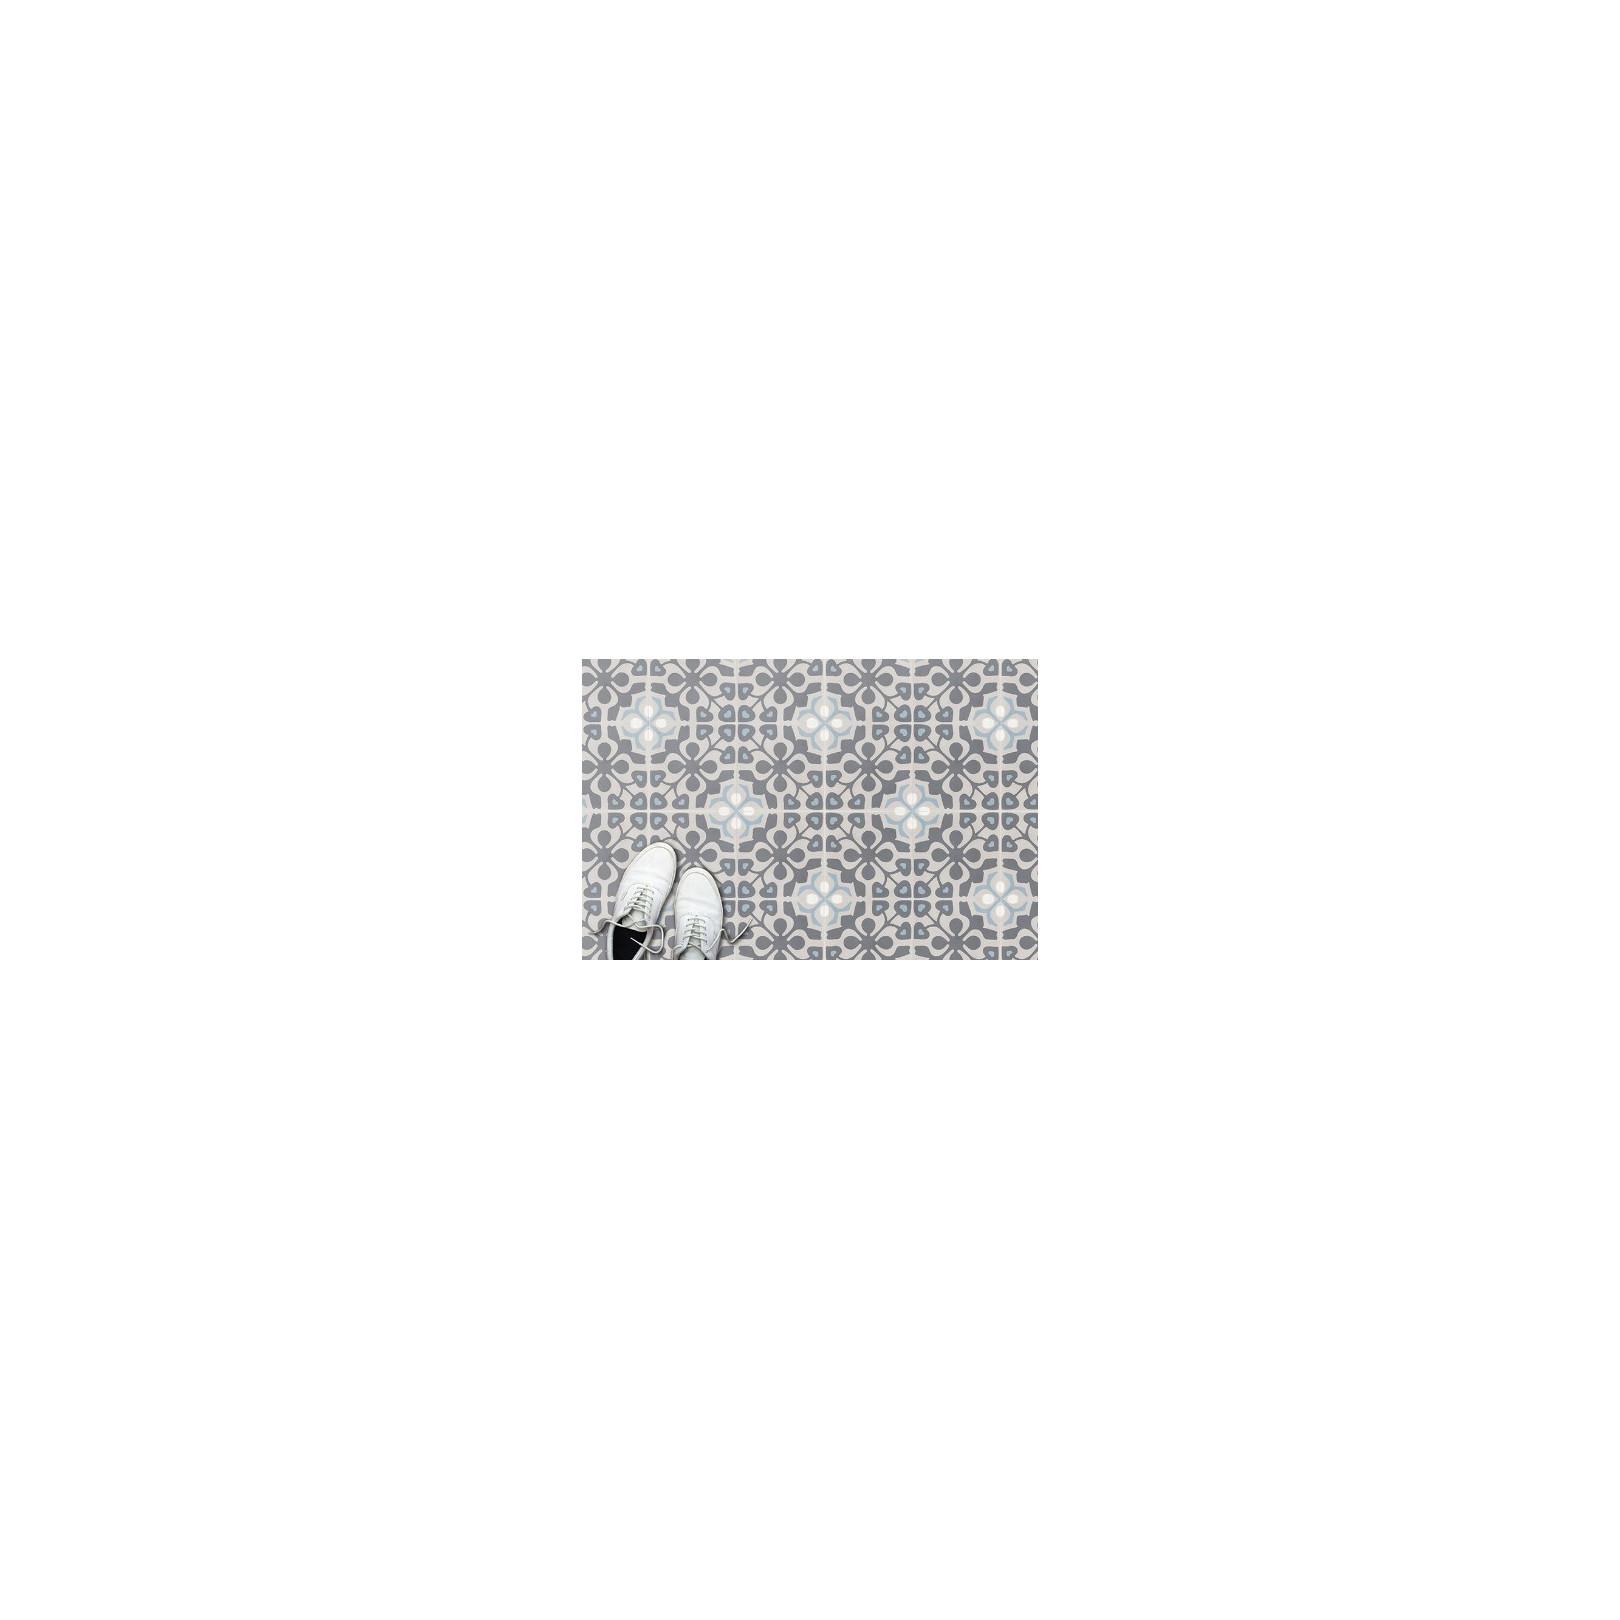 Carreau de ciment coloré motif 4 carreaux beige, gris foncé, bleu, blanc MADISON 33.07.60.10